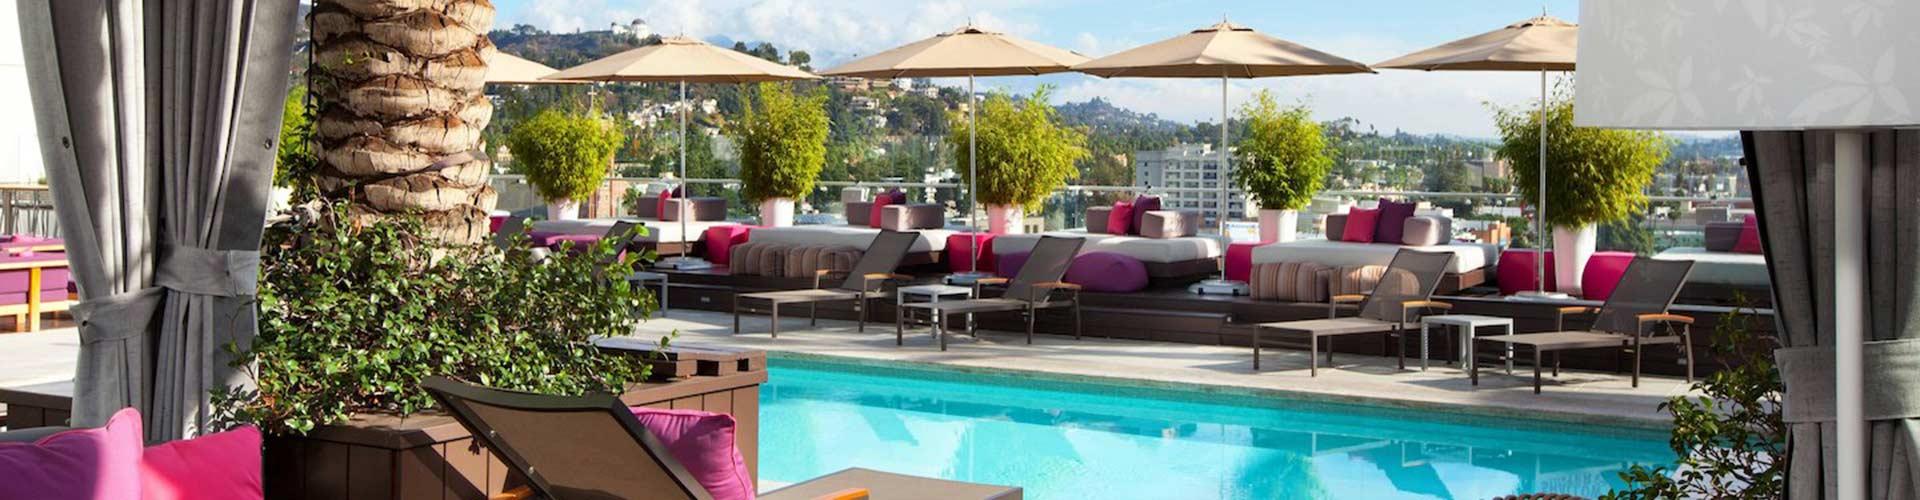 W Hotel Header Pool 1920x500